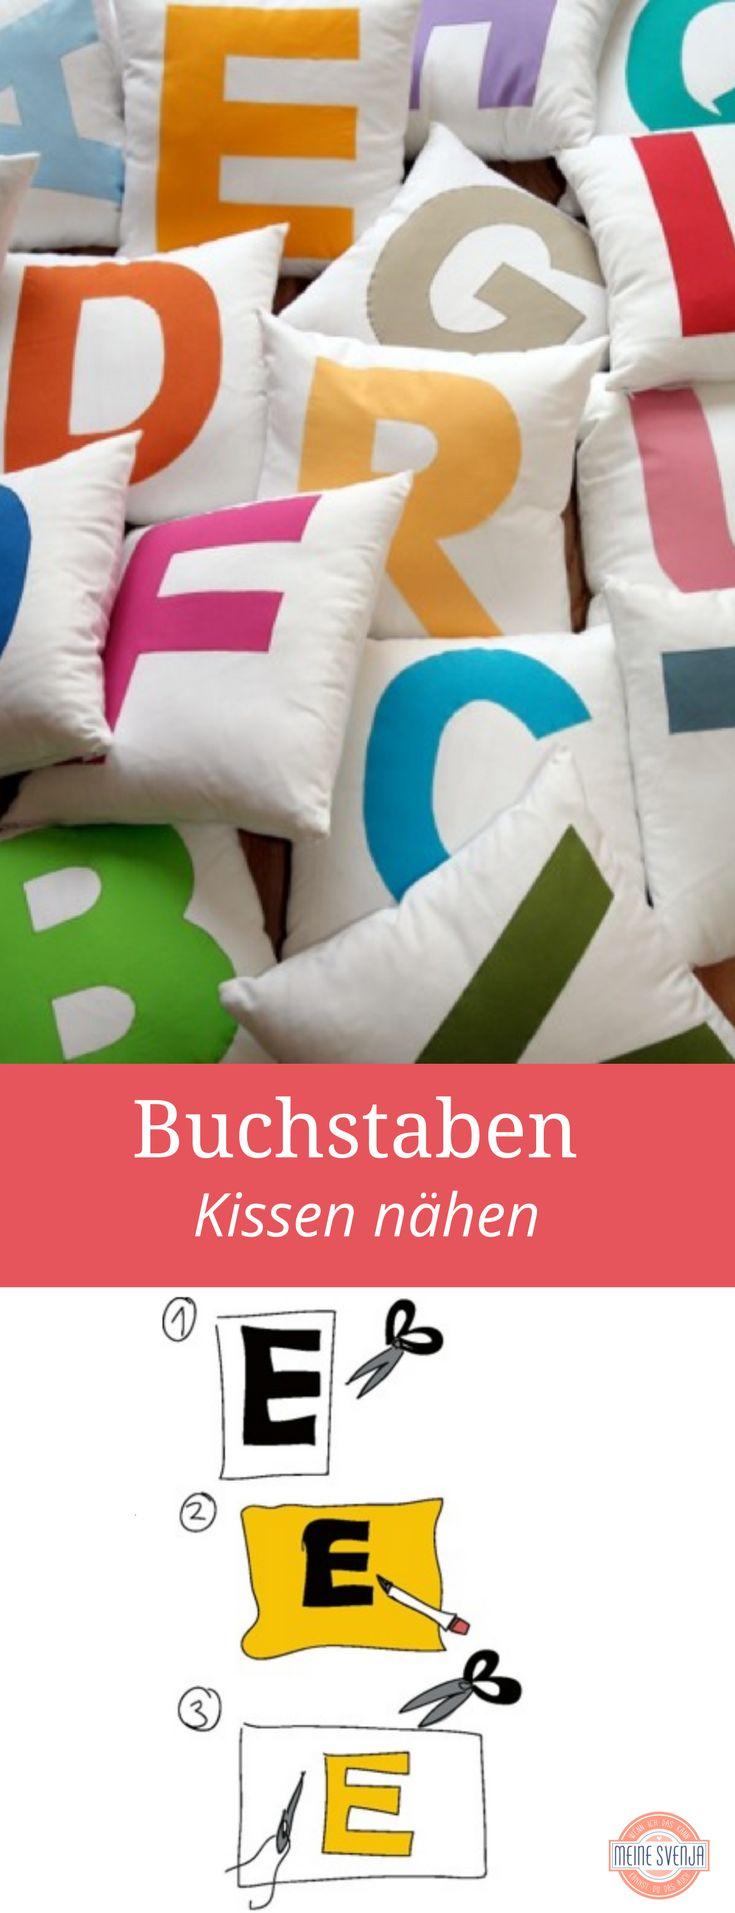 die besten 25 initial kissen ideen auf pinterest jute kissen schablonenkissen und buchstaben. Black Bedroom Furniture Sets. Home Design Ideas